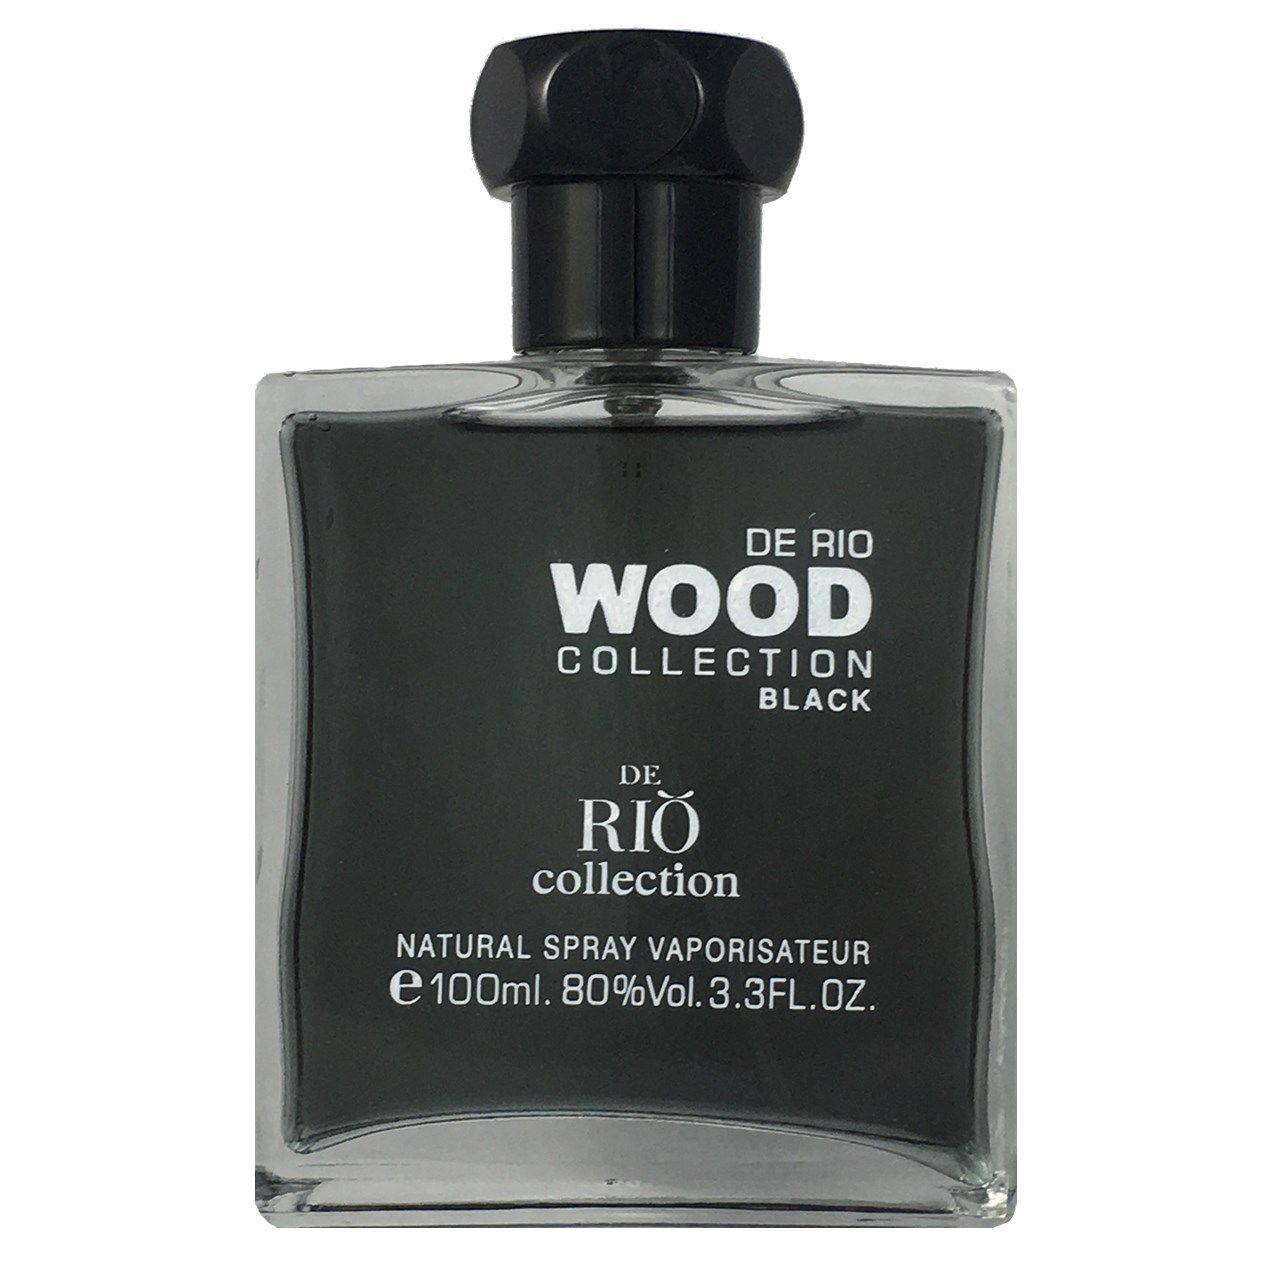 ادو پرفیوم مردانه ریو کالکشن مدل Rio Wood Black حجم 100ml -  - 1